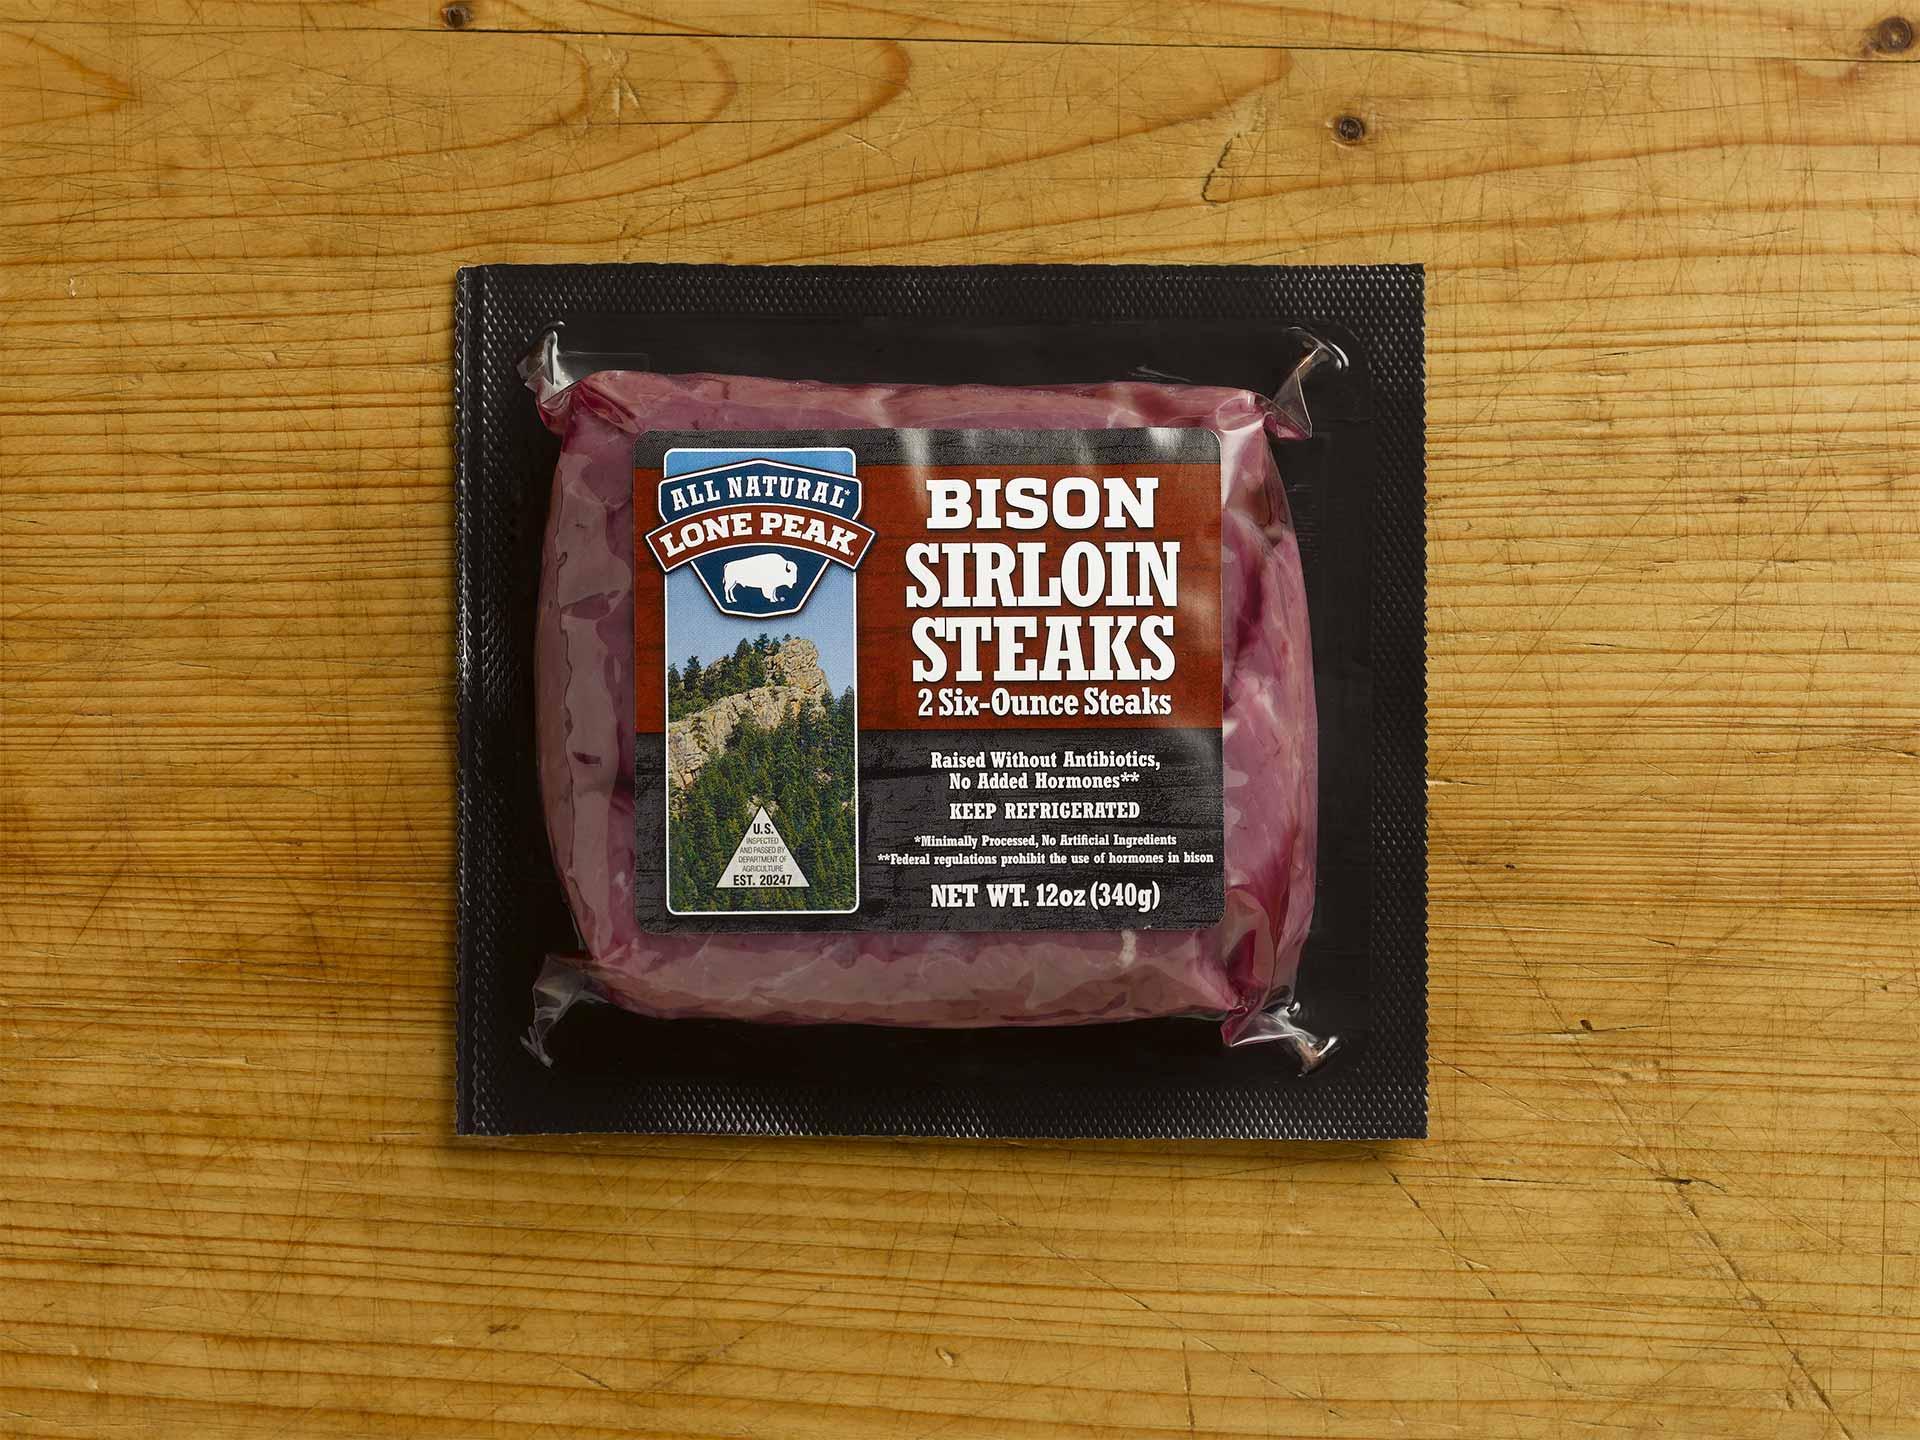 Bison Sirloin Steaks